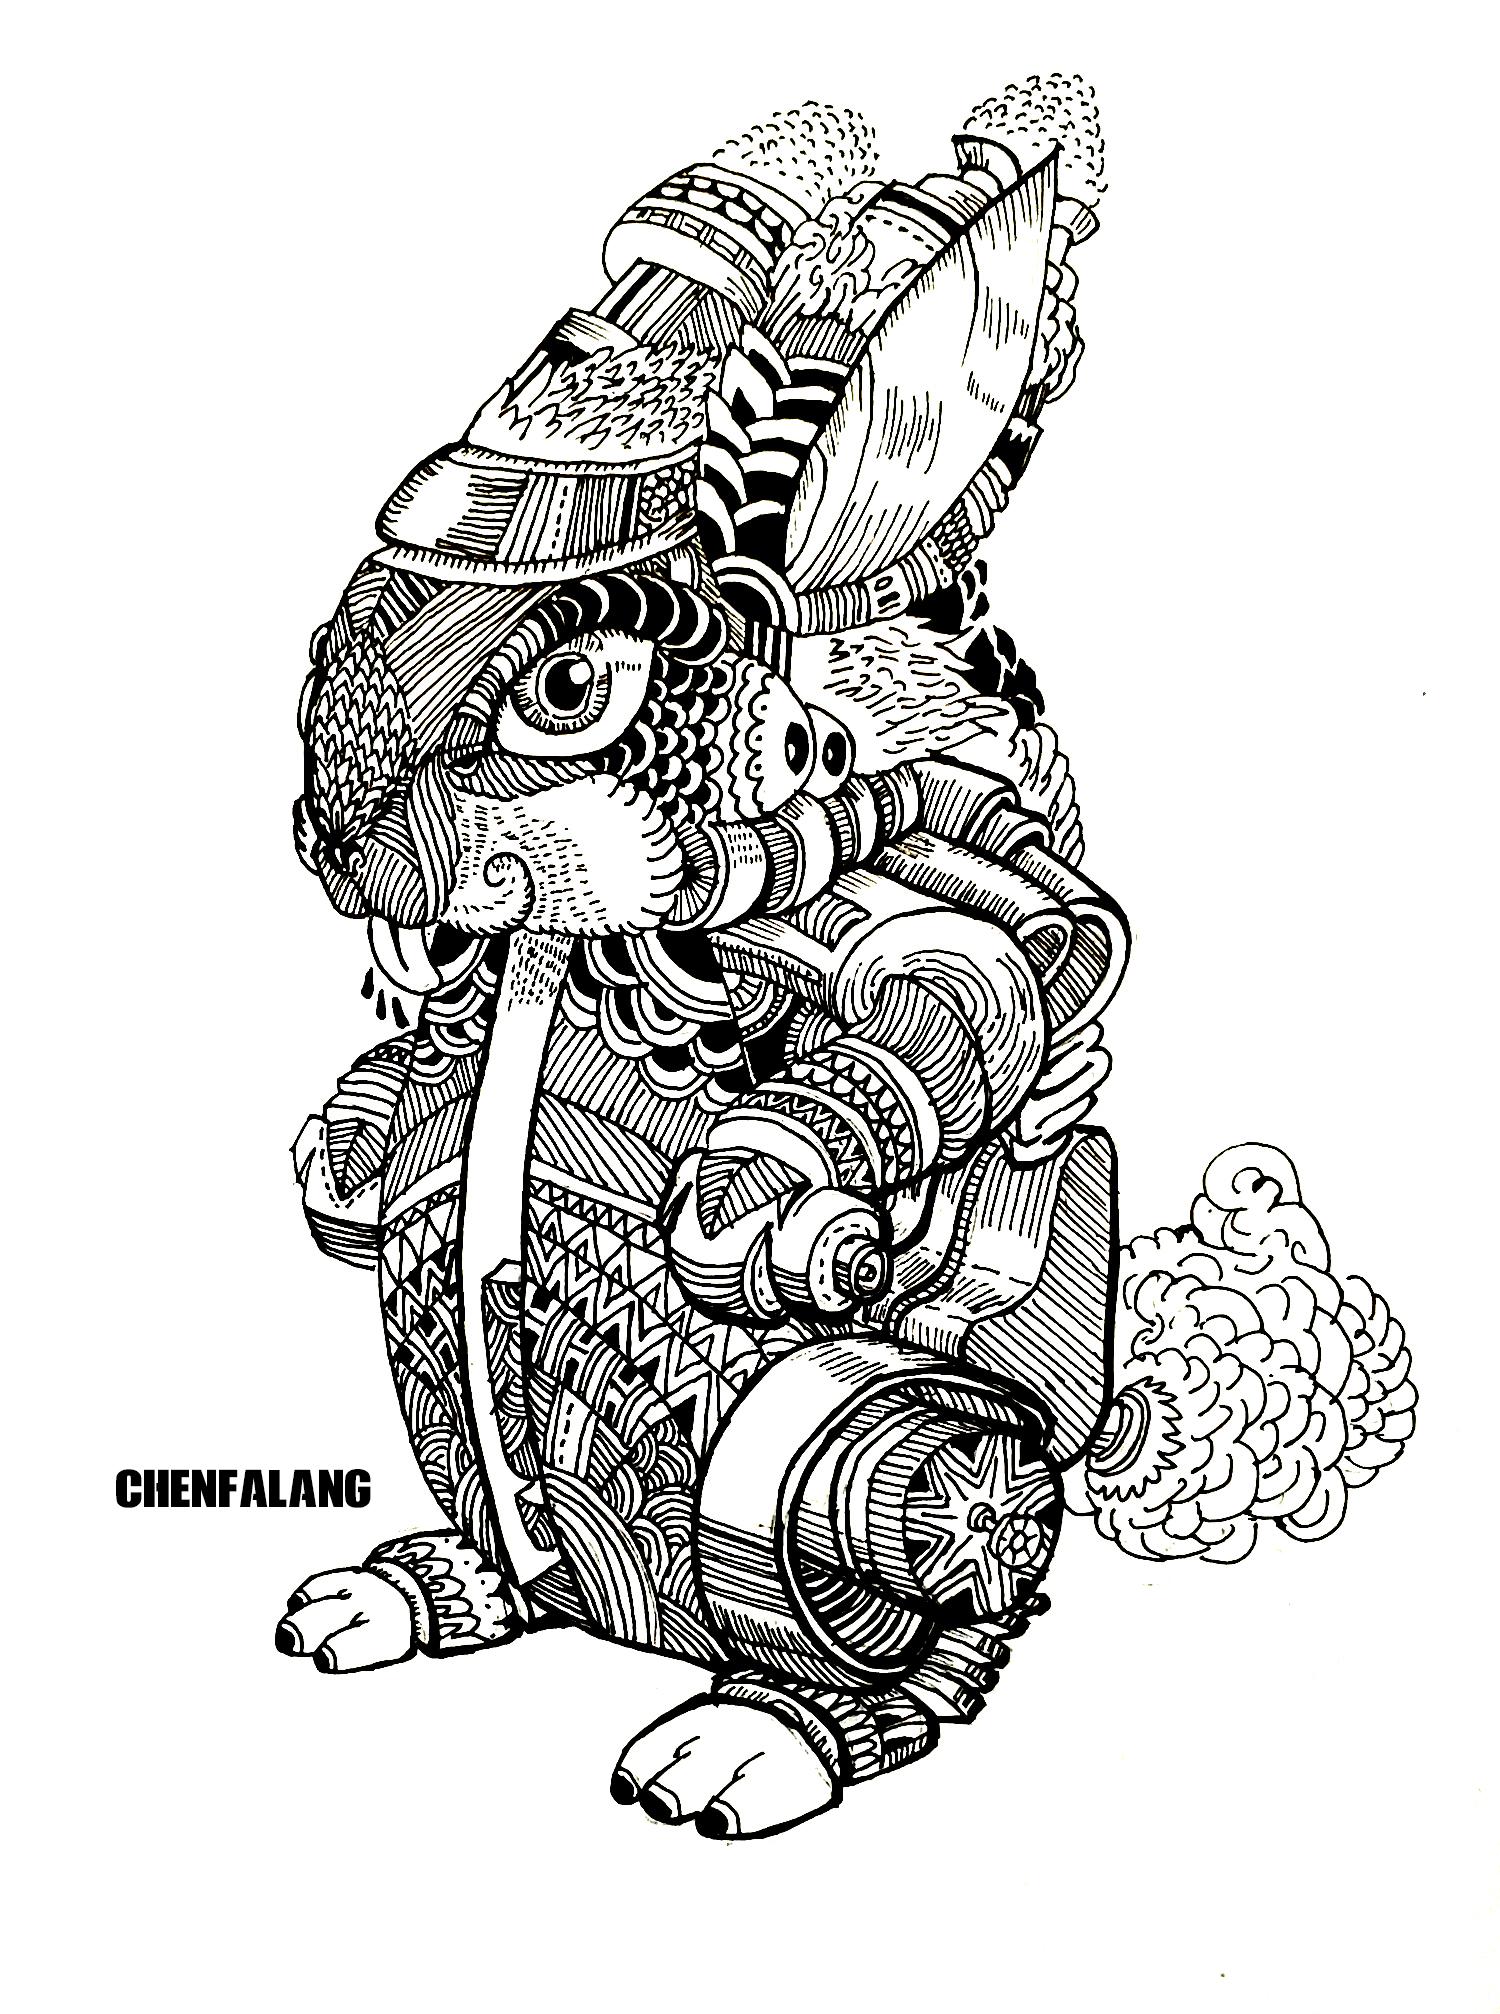 黑白简约手绘插画-黑白手绘简约小插画/创意黑白插画手绘图片/手绘